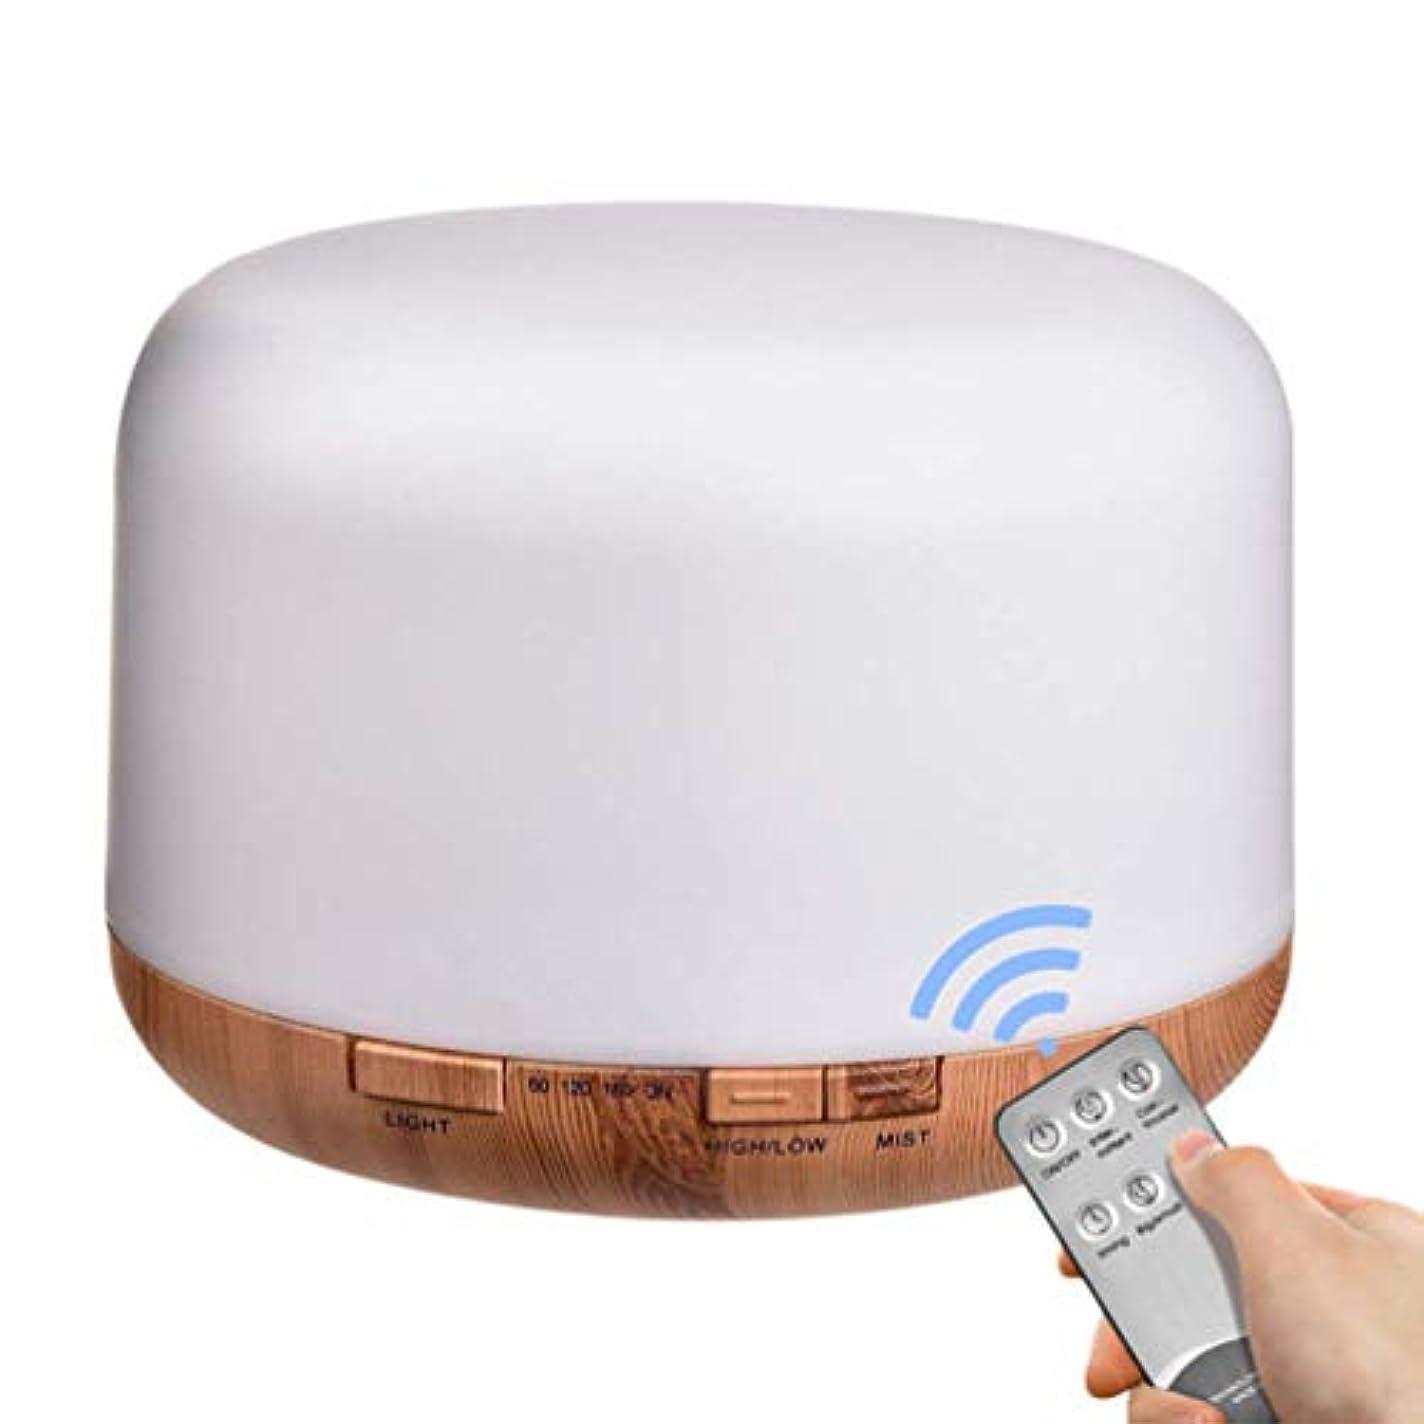 十億言い聞かせるマークSUPVOX 1000ml Humidifier Ultrasonic Household Remote Control Silence Aromatherapy Diffuser Essential Oil Diffuser for Office Bedroom Home (JP Plug)